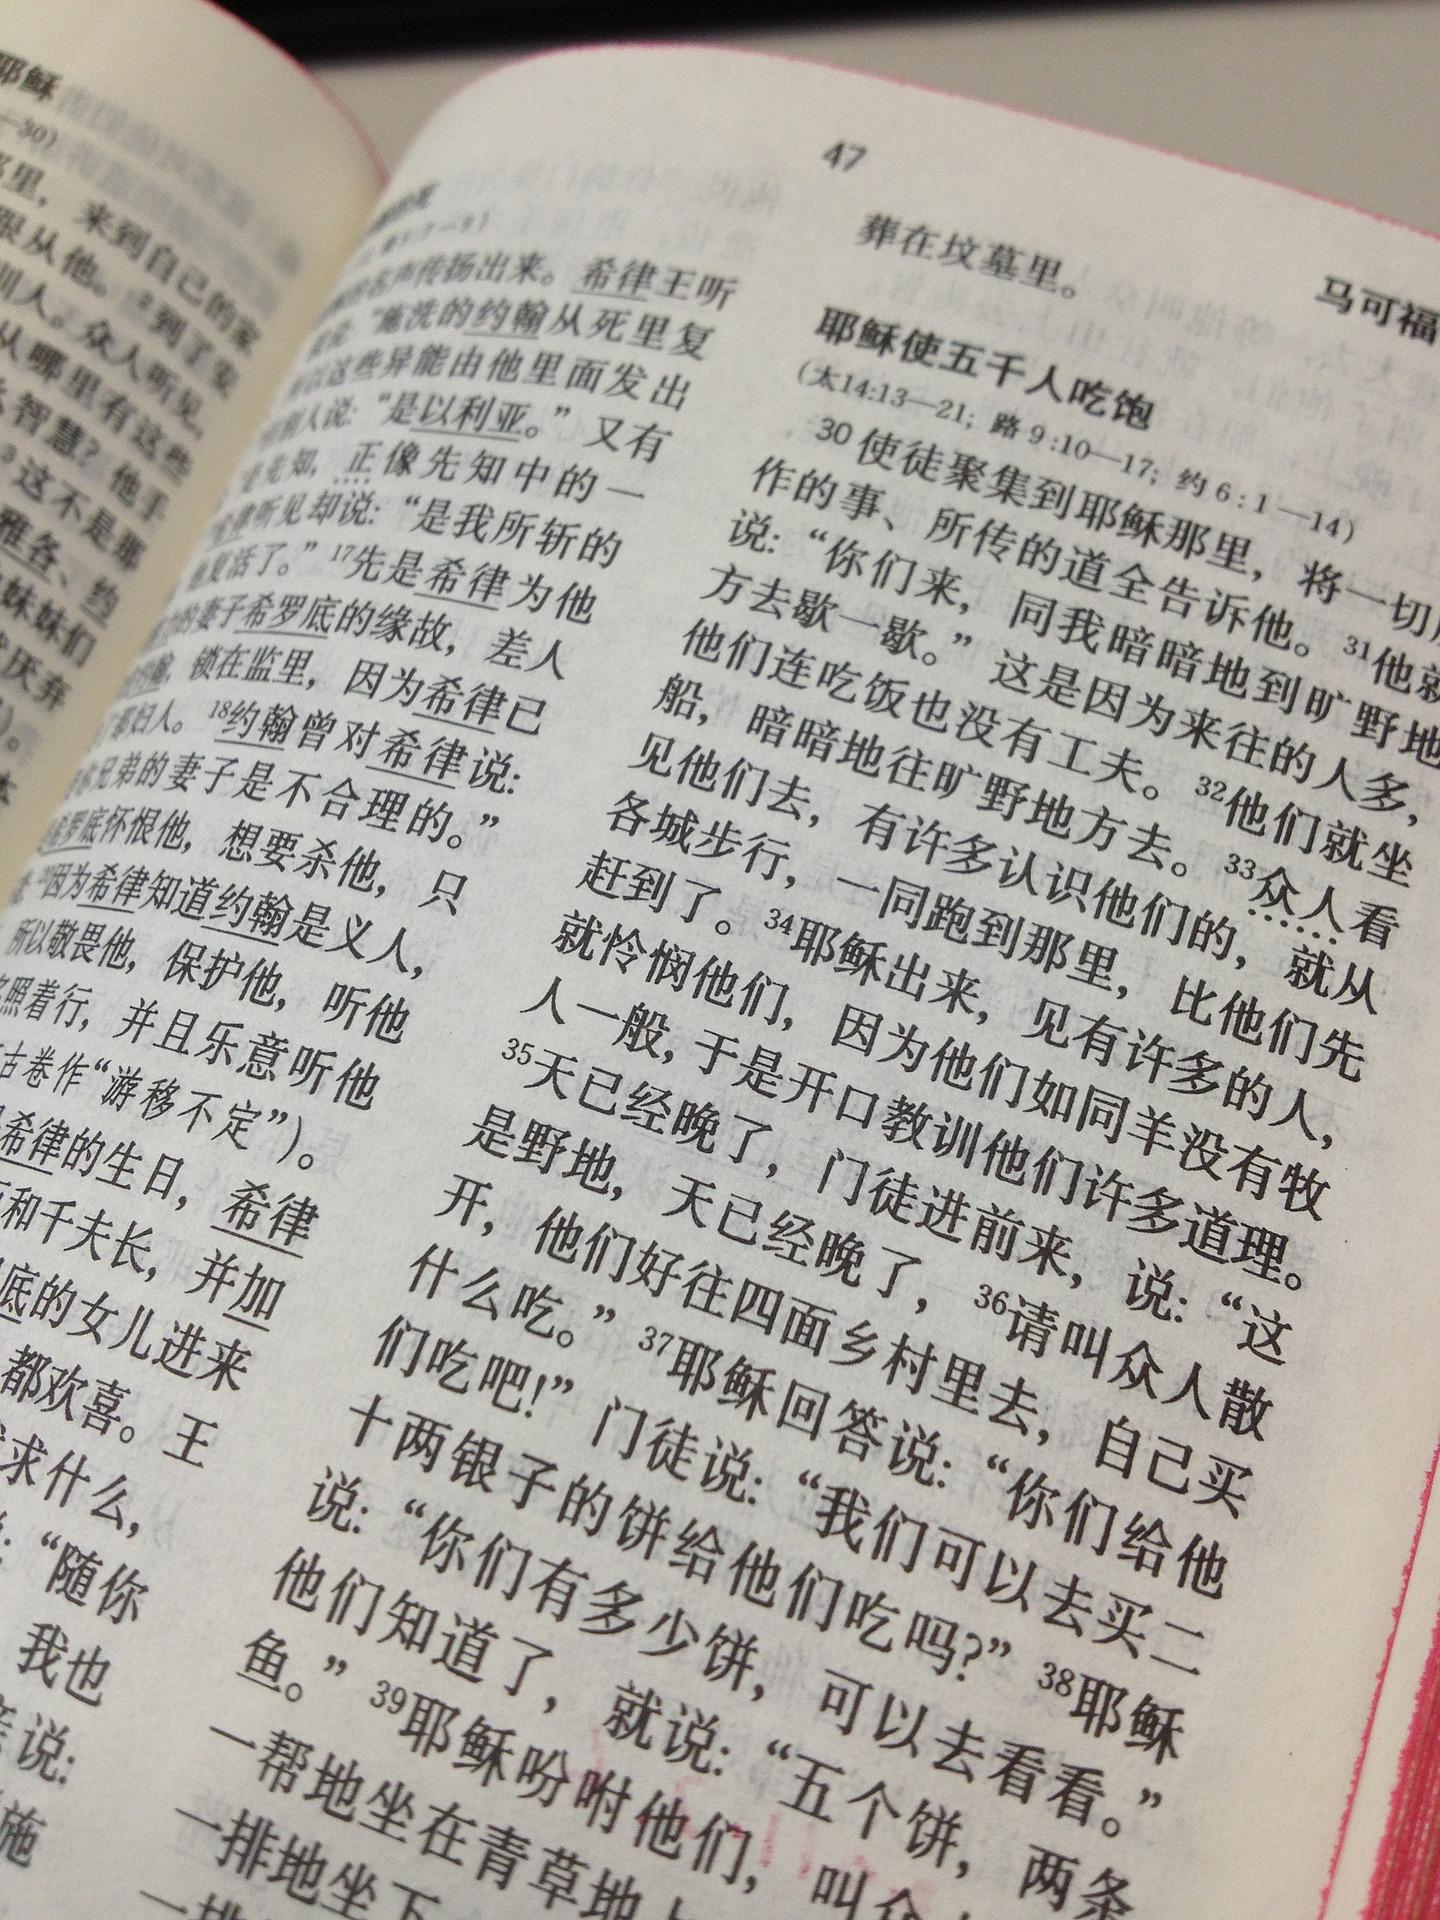 011117-chinese-bible